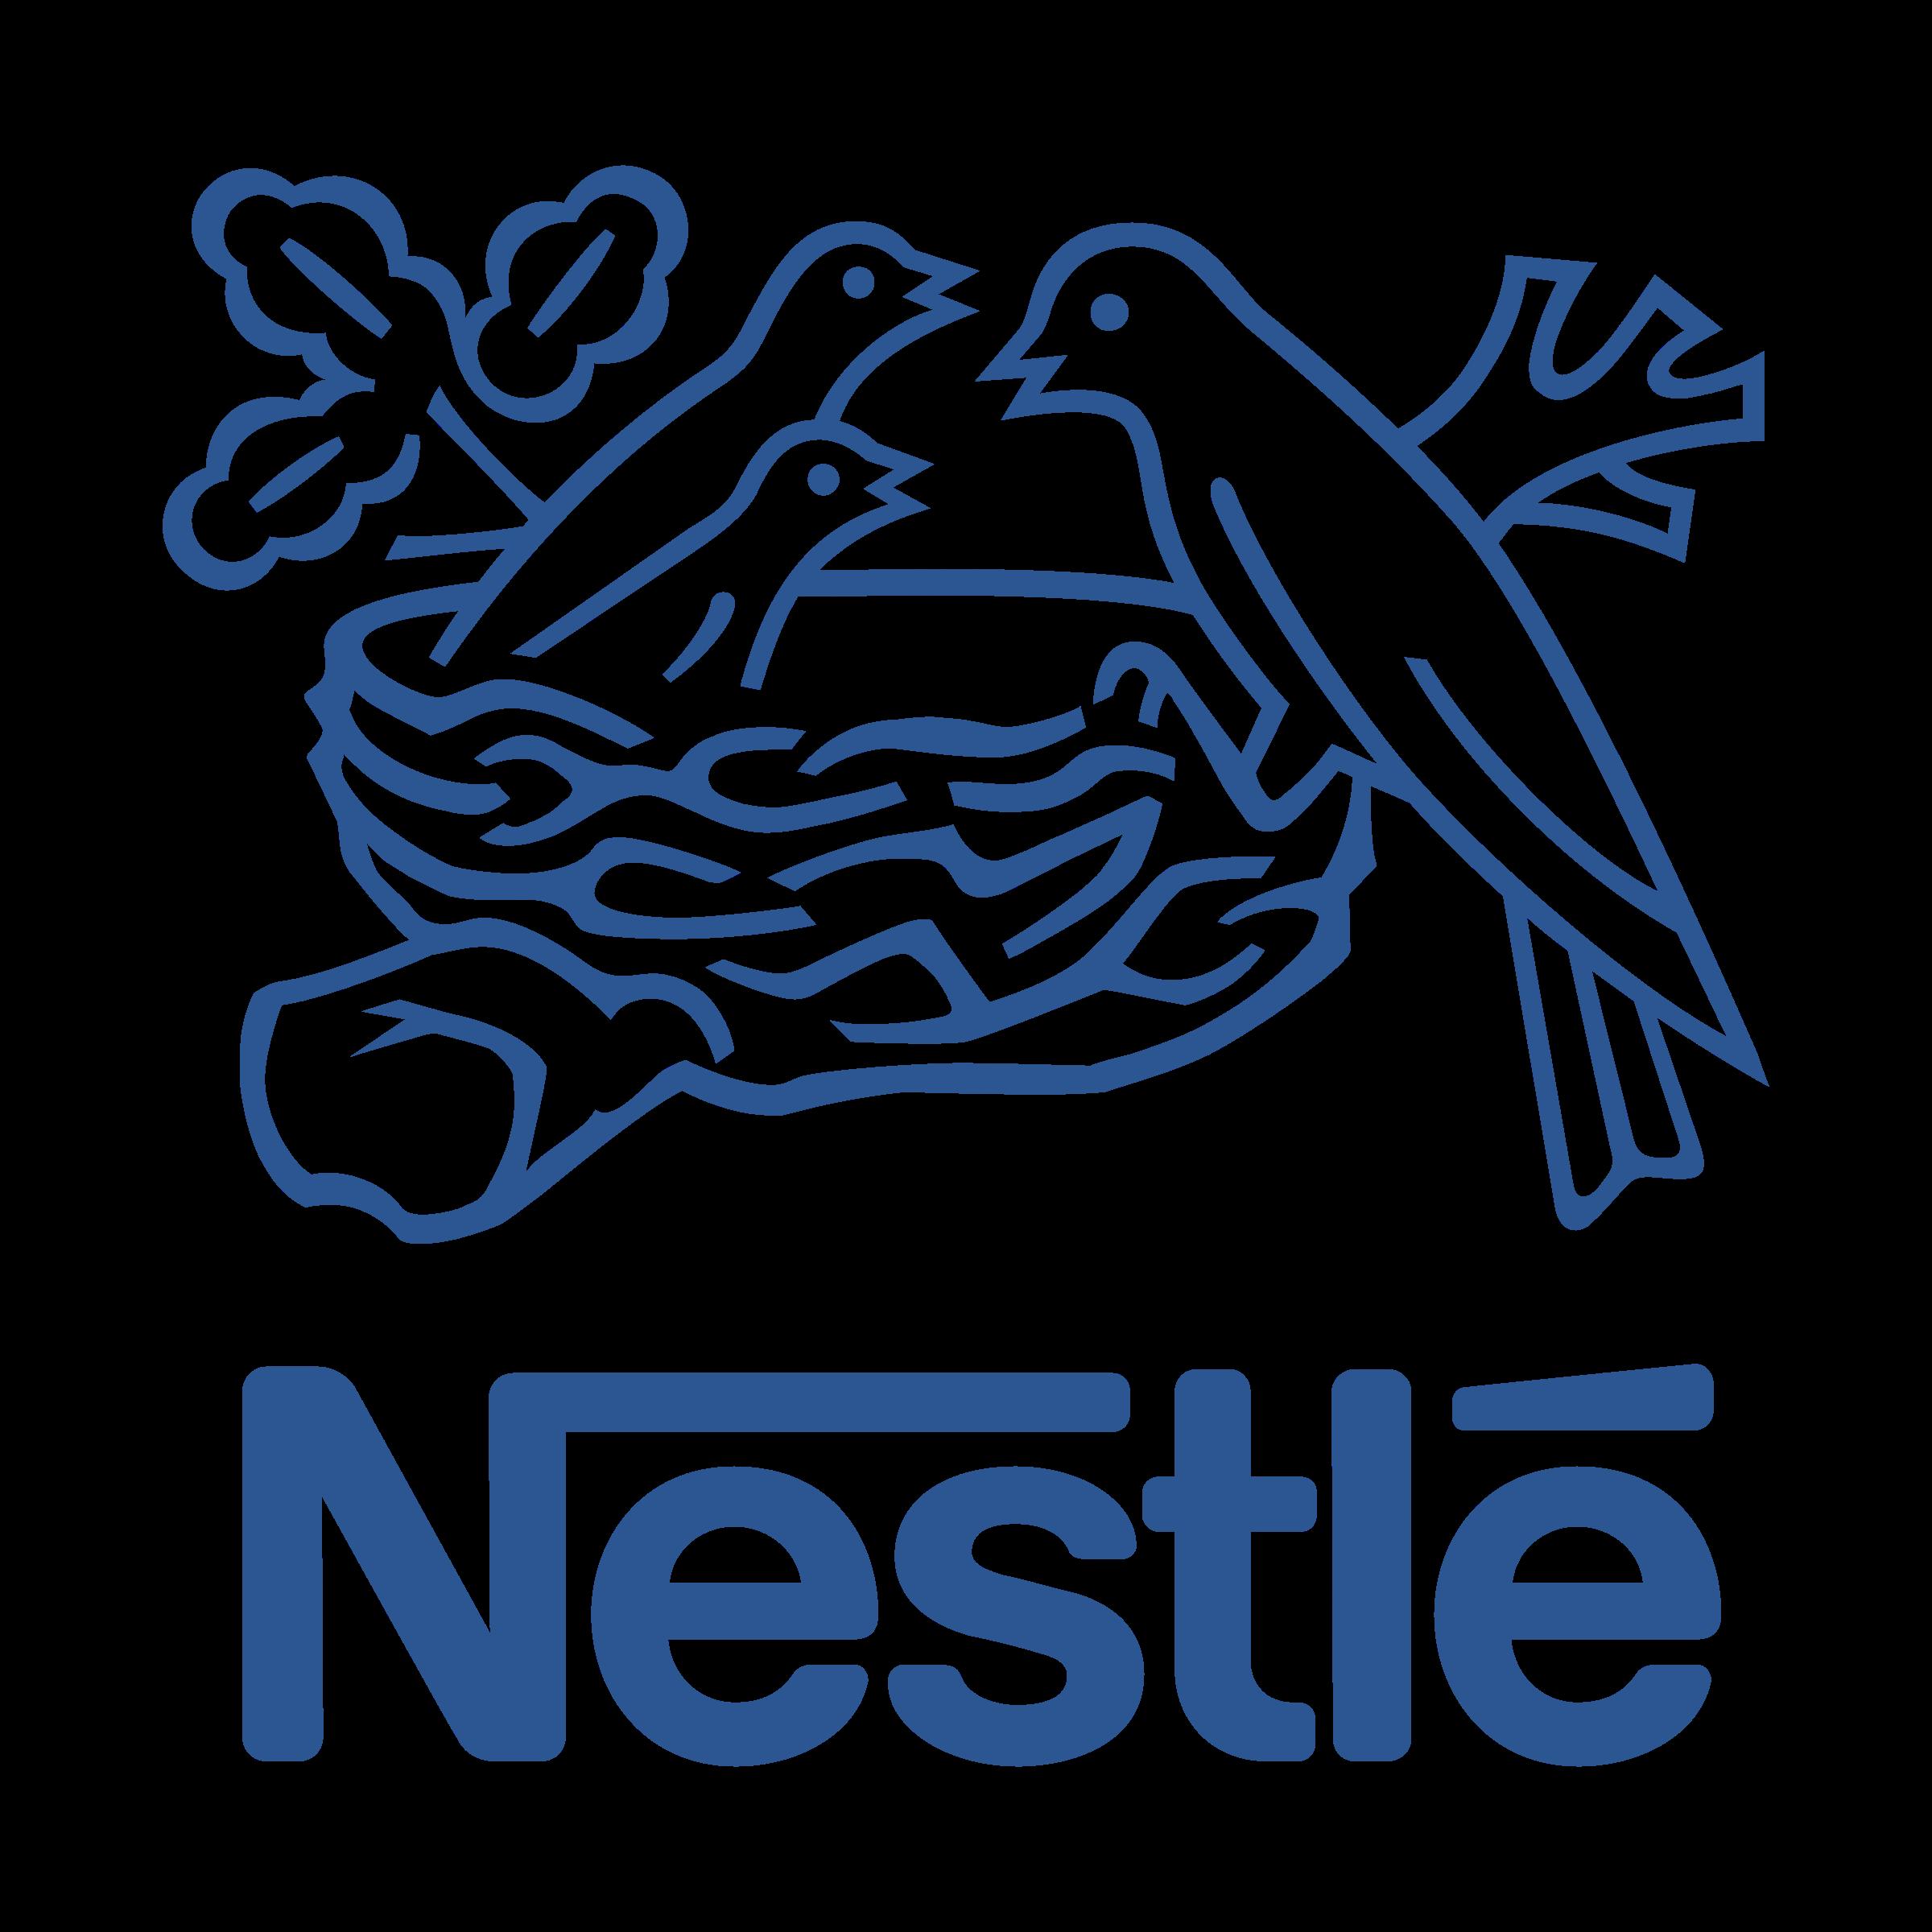 nestle-9-logo-png-transparent